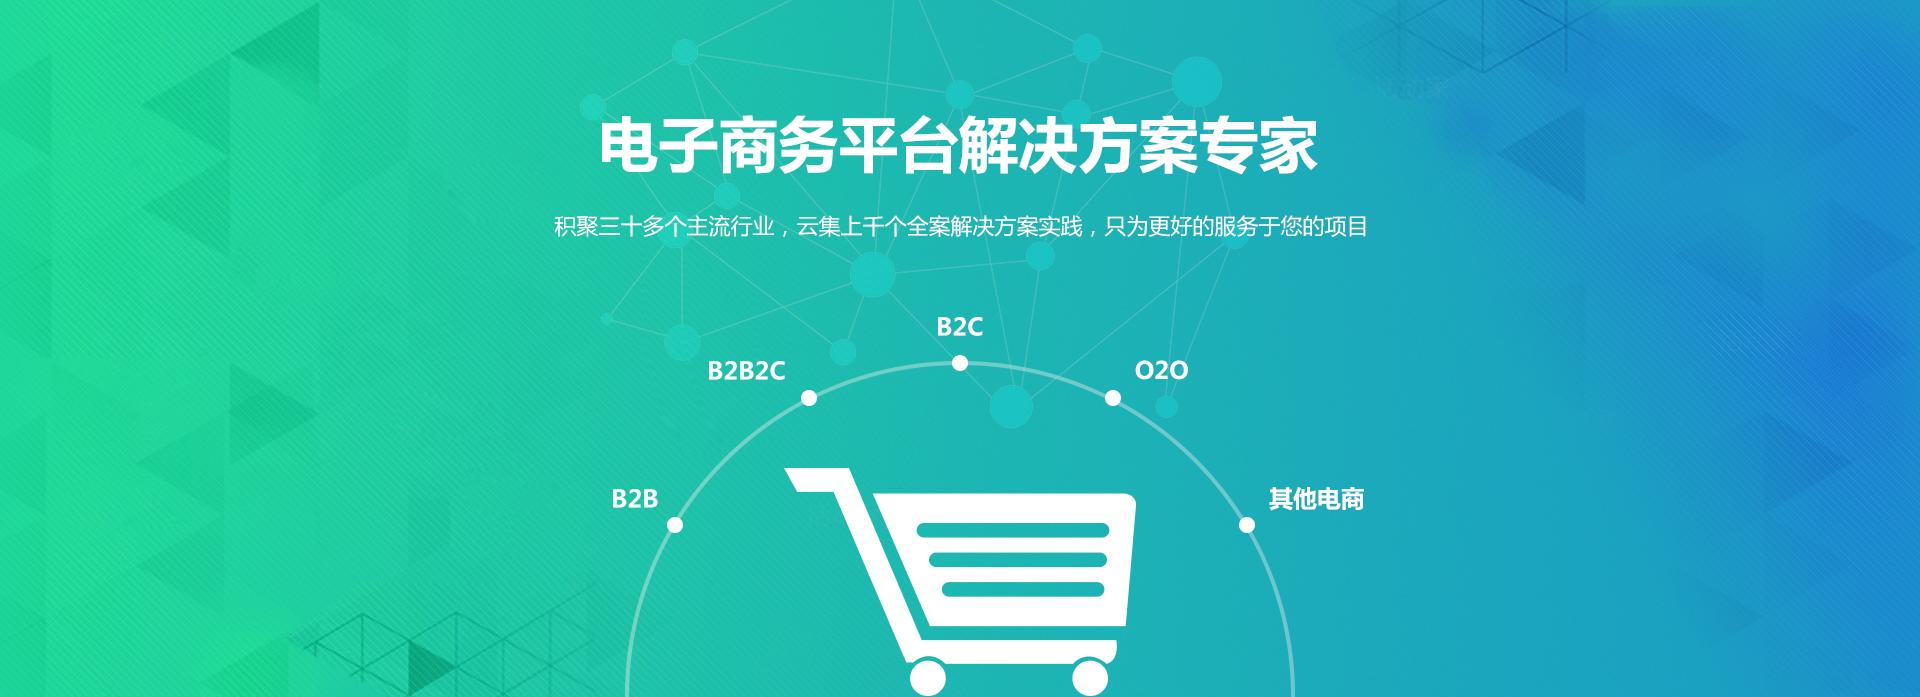 企业级电子商务平台开发解决方案服务